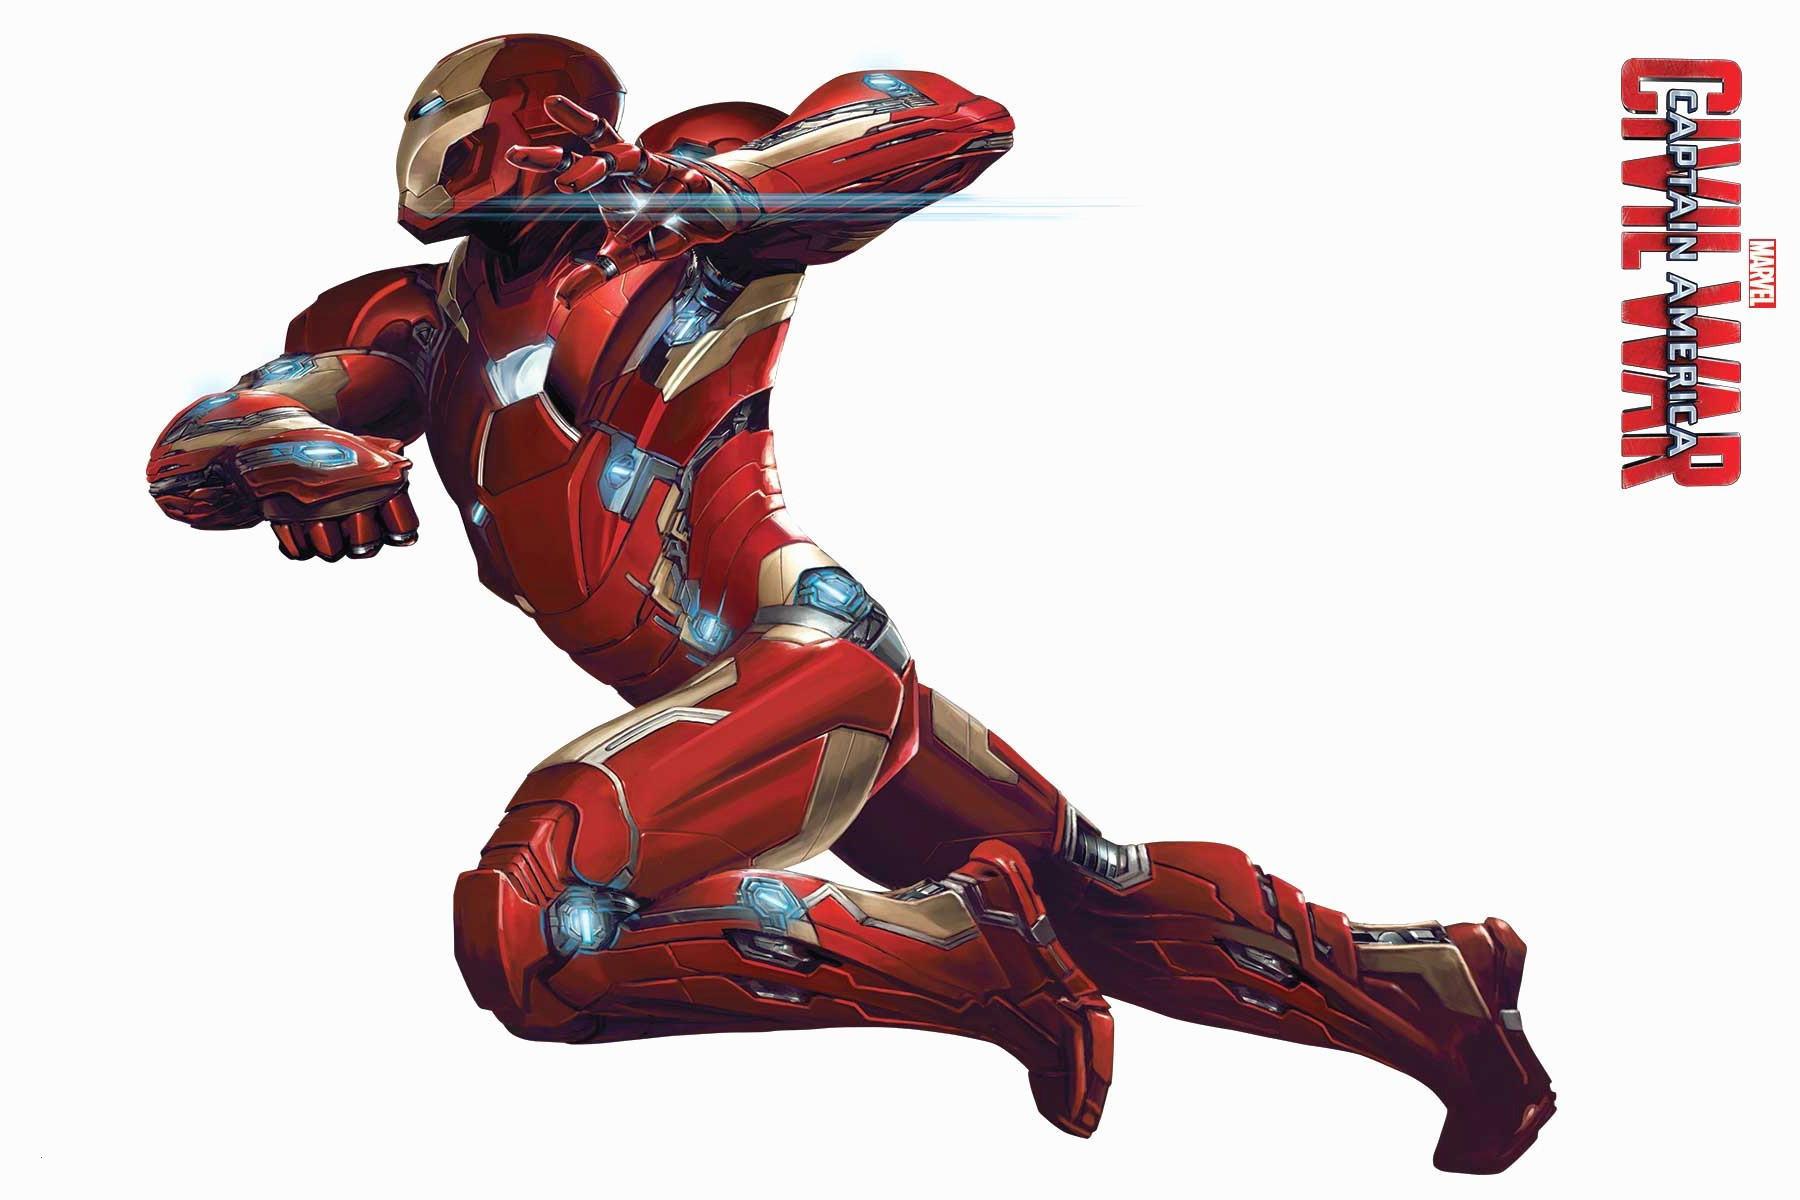 Spiderman Bilder Zum Ausmalen Frisch Spider Man Ausmalbilder New 35 Ausmalbilder Miraculous Scoredatscore Bild